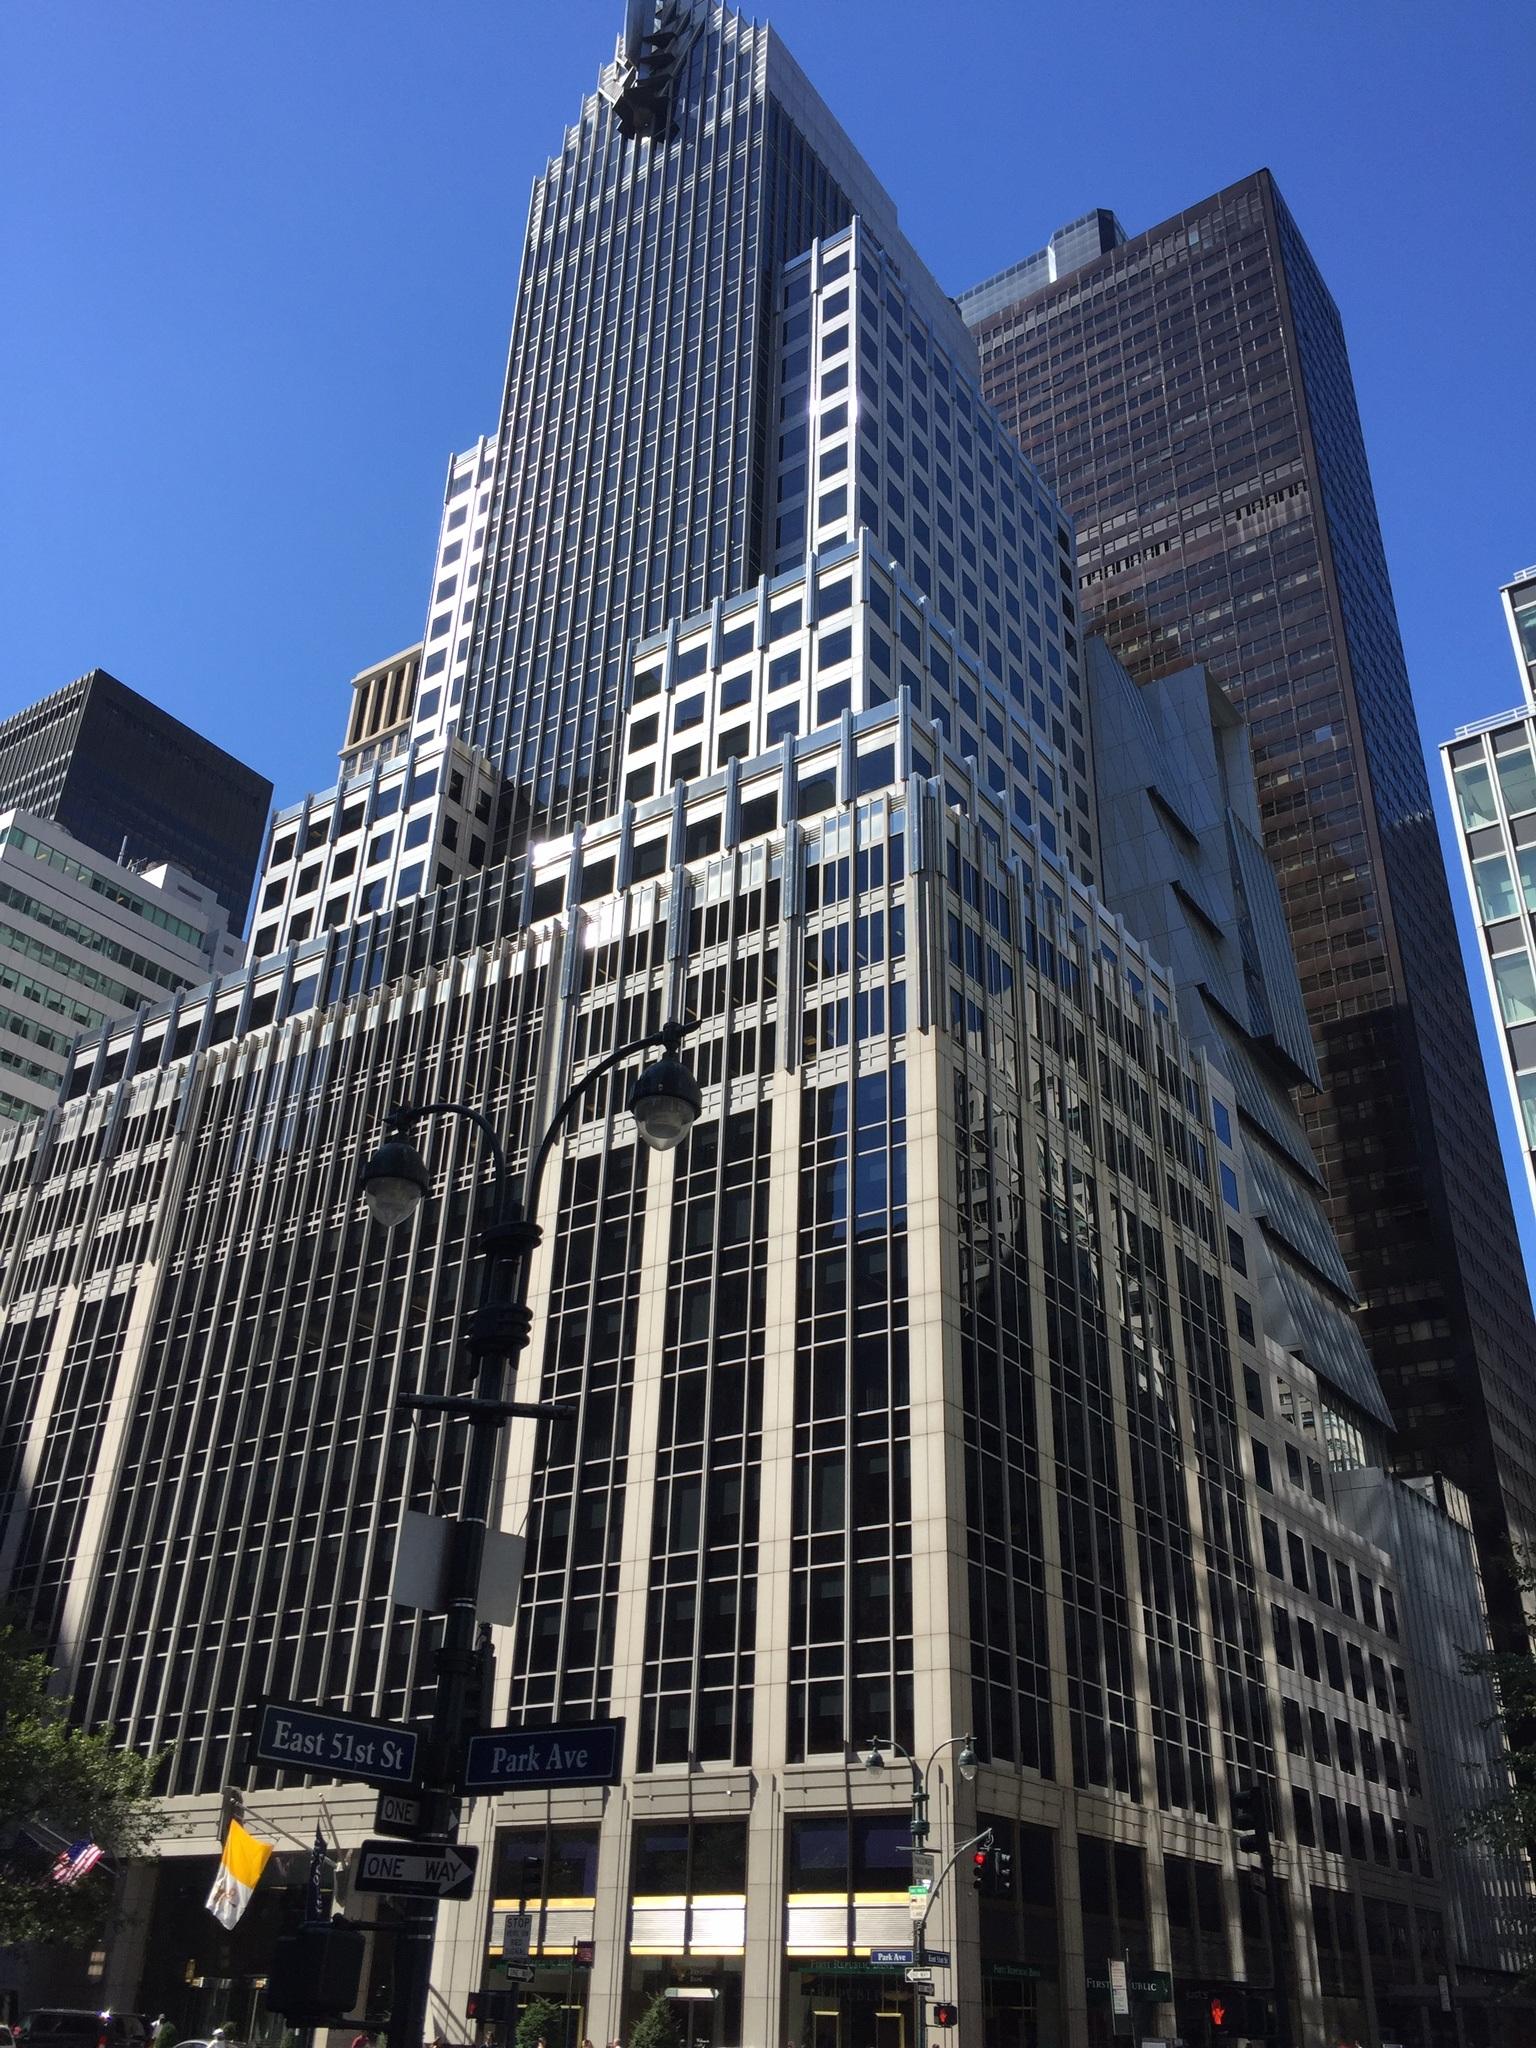 fotos gratis horizonte edificio rascacielos nueva york manhattan nueva york paisaje urbano centro de la ciudad torre